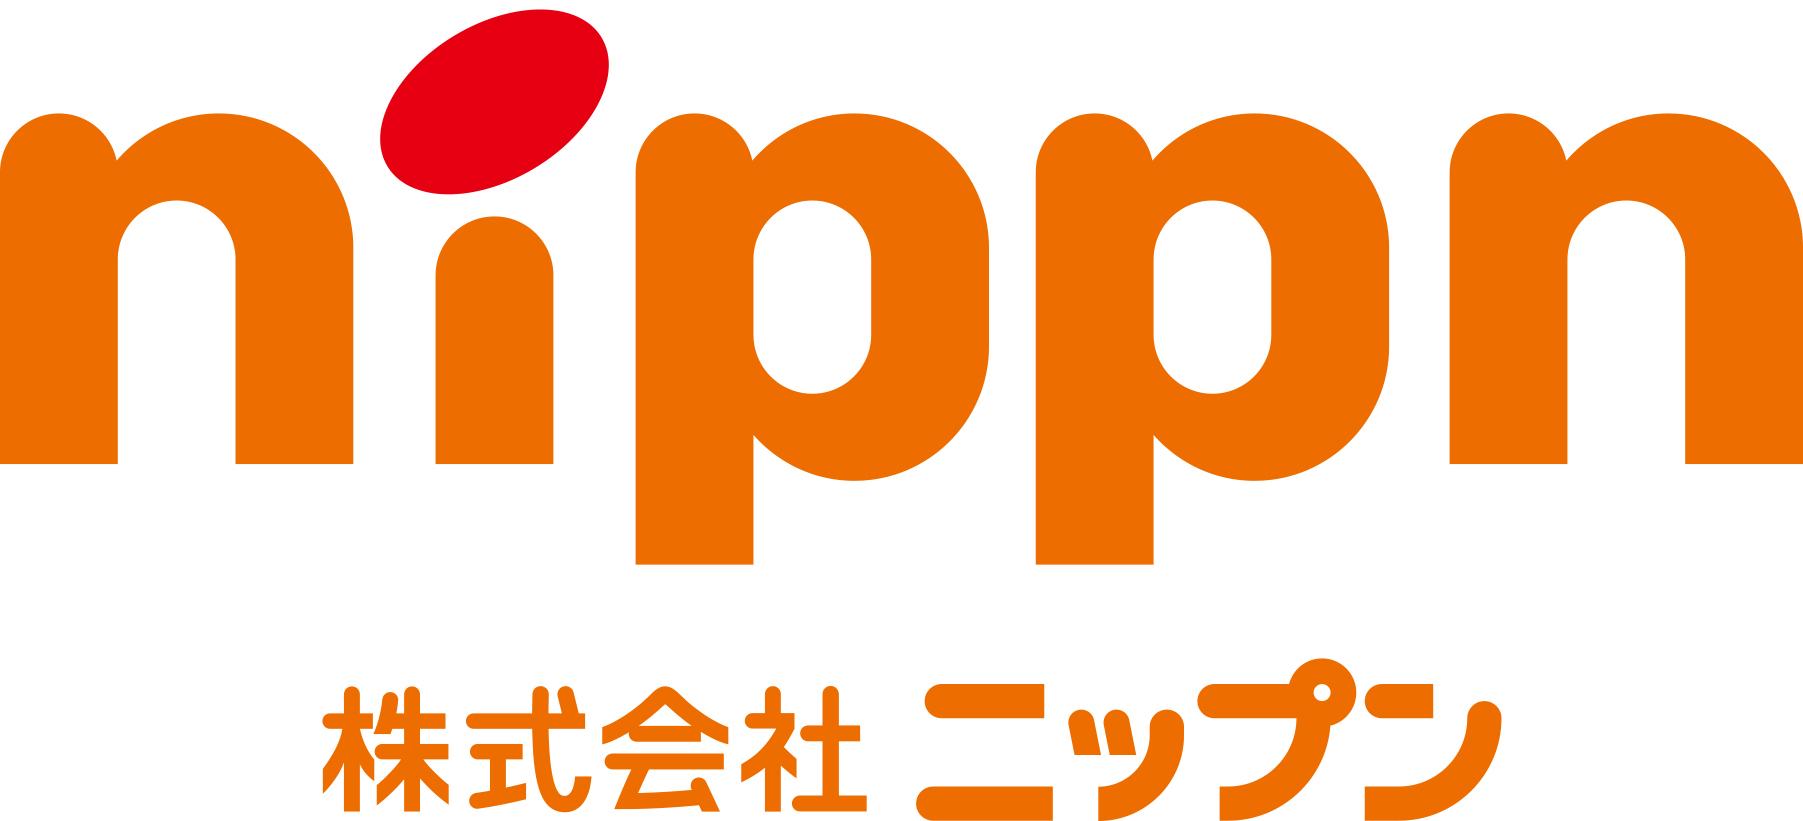 株式会社ニップン